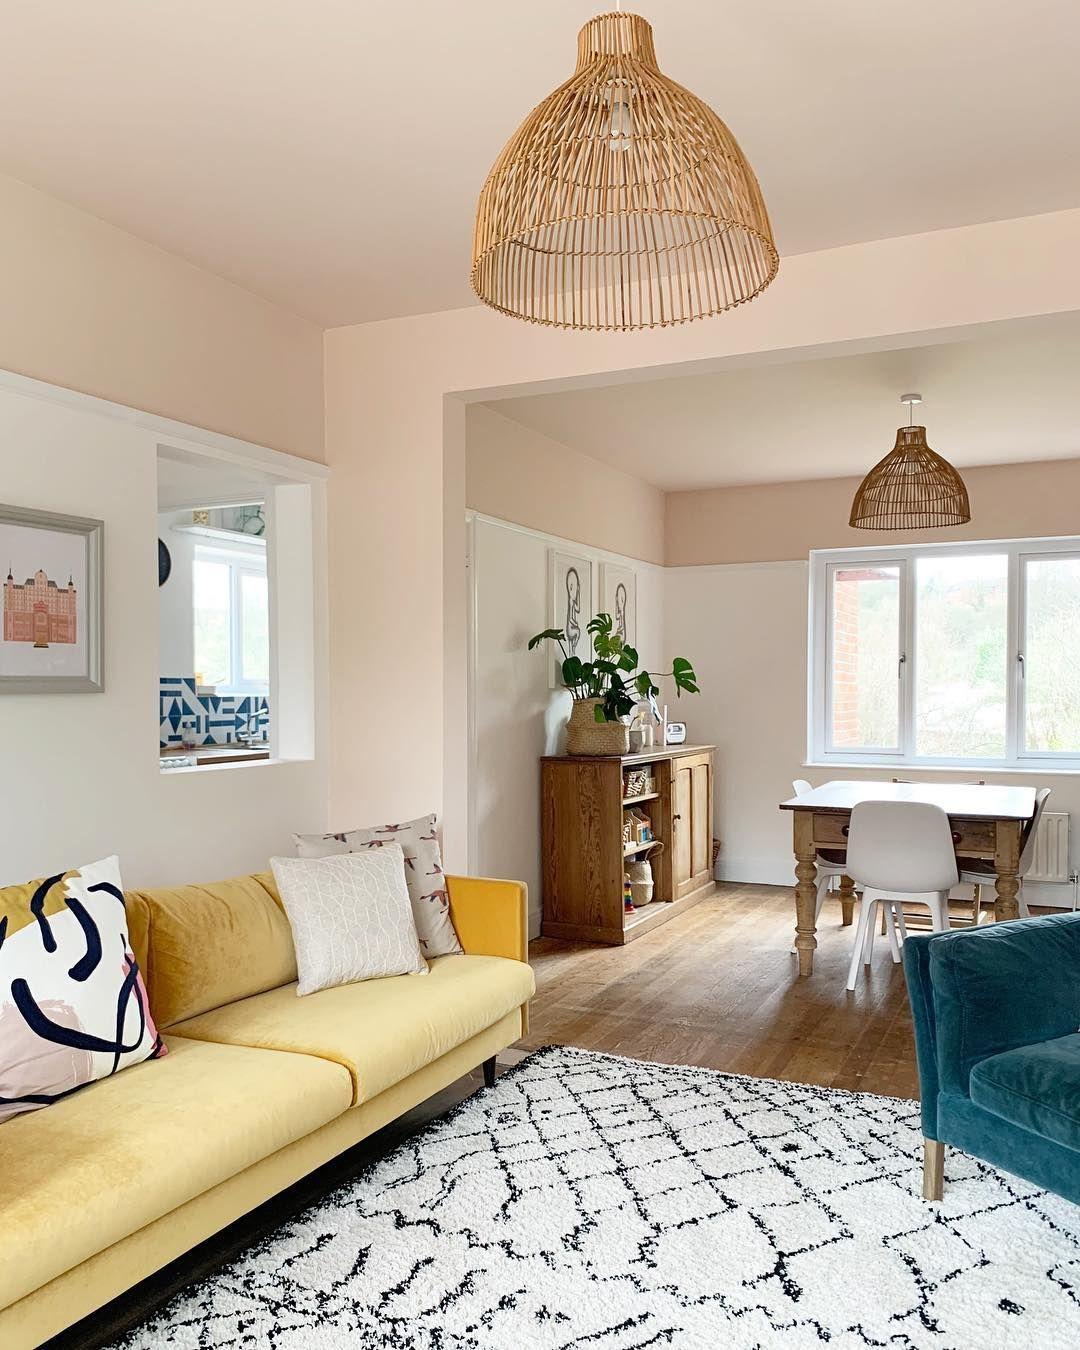 Living Room Area Imut Nan Sederhana Tempat Canda Tawa Bersama Keluarga Semoga Terinspirasi Ya Home Room Design Indian Home Interior Living Room Interior